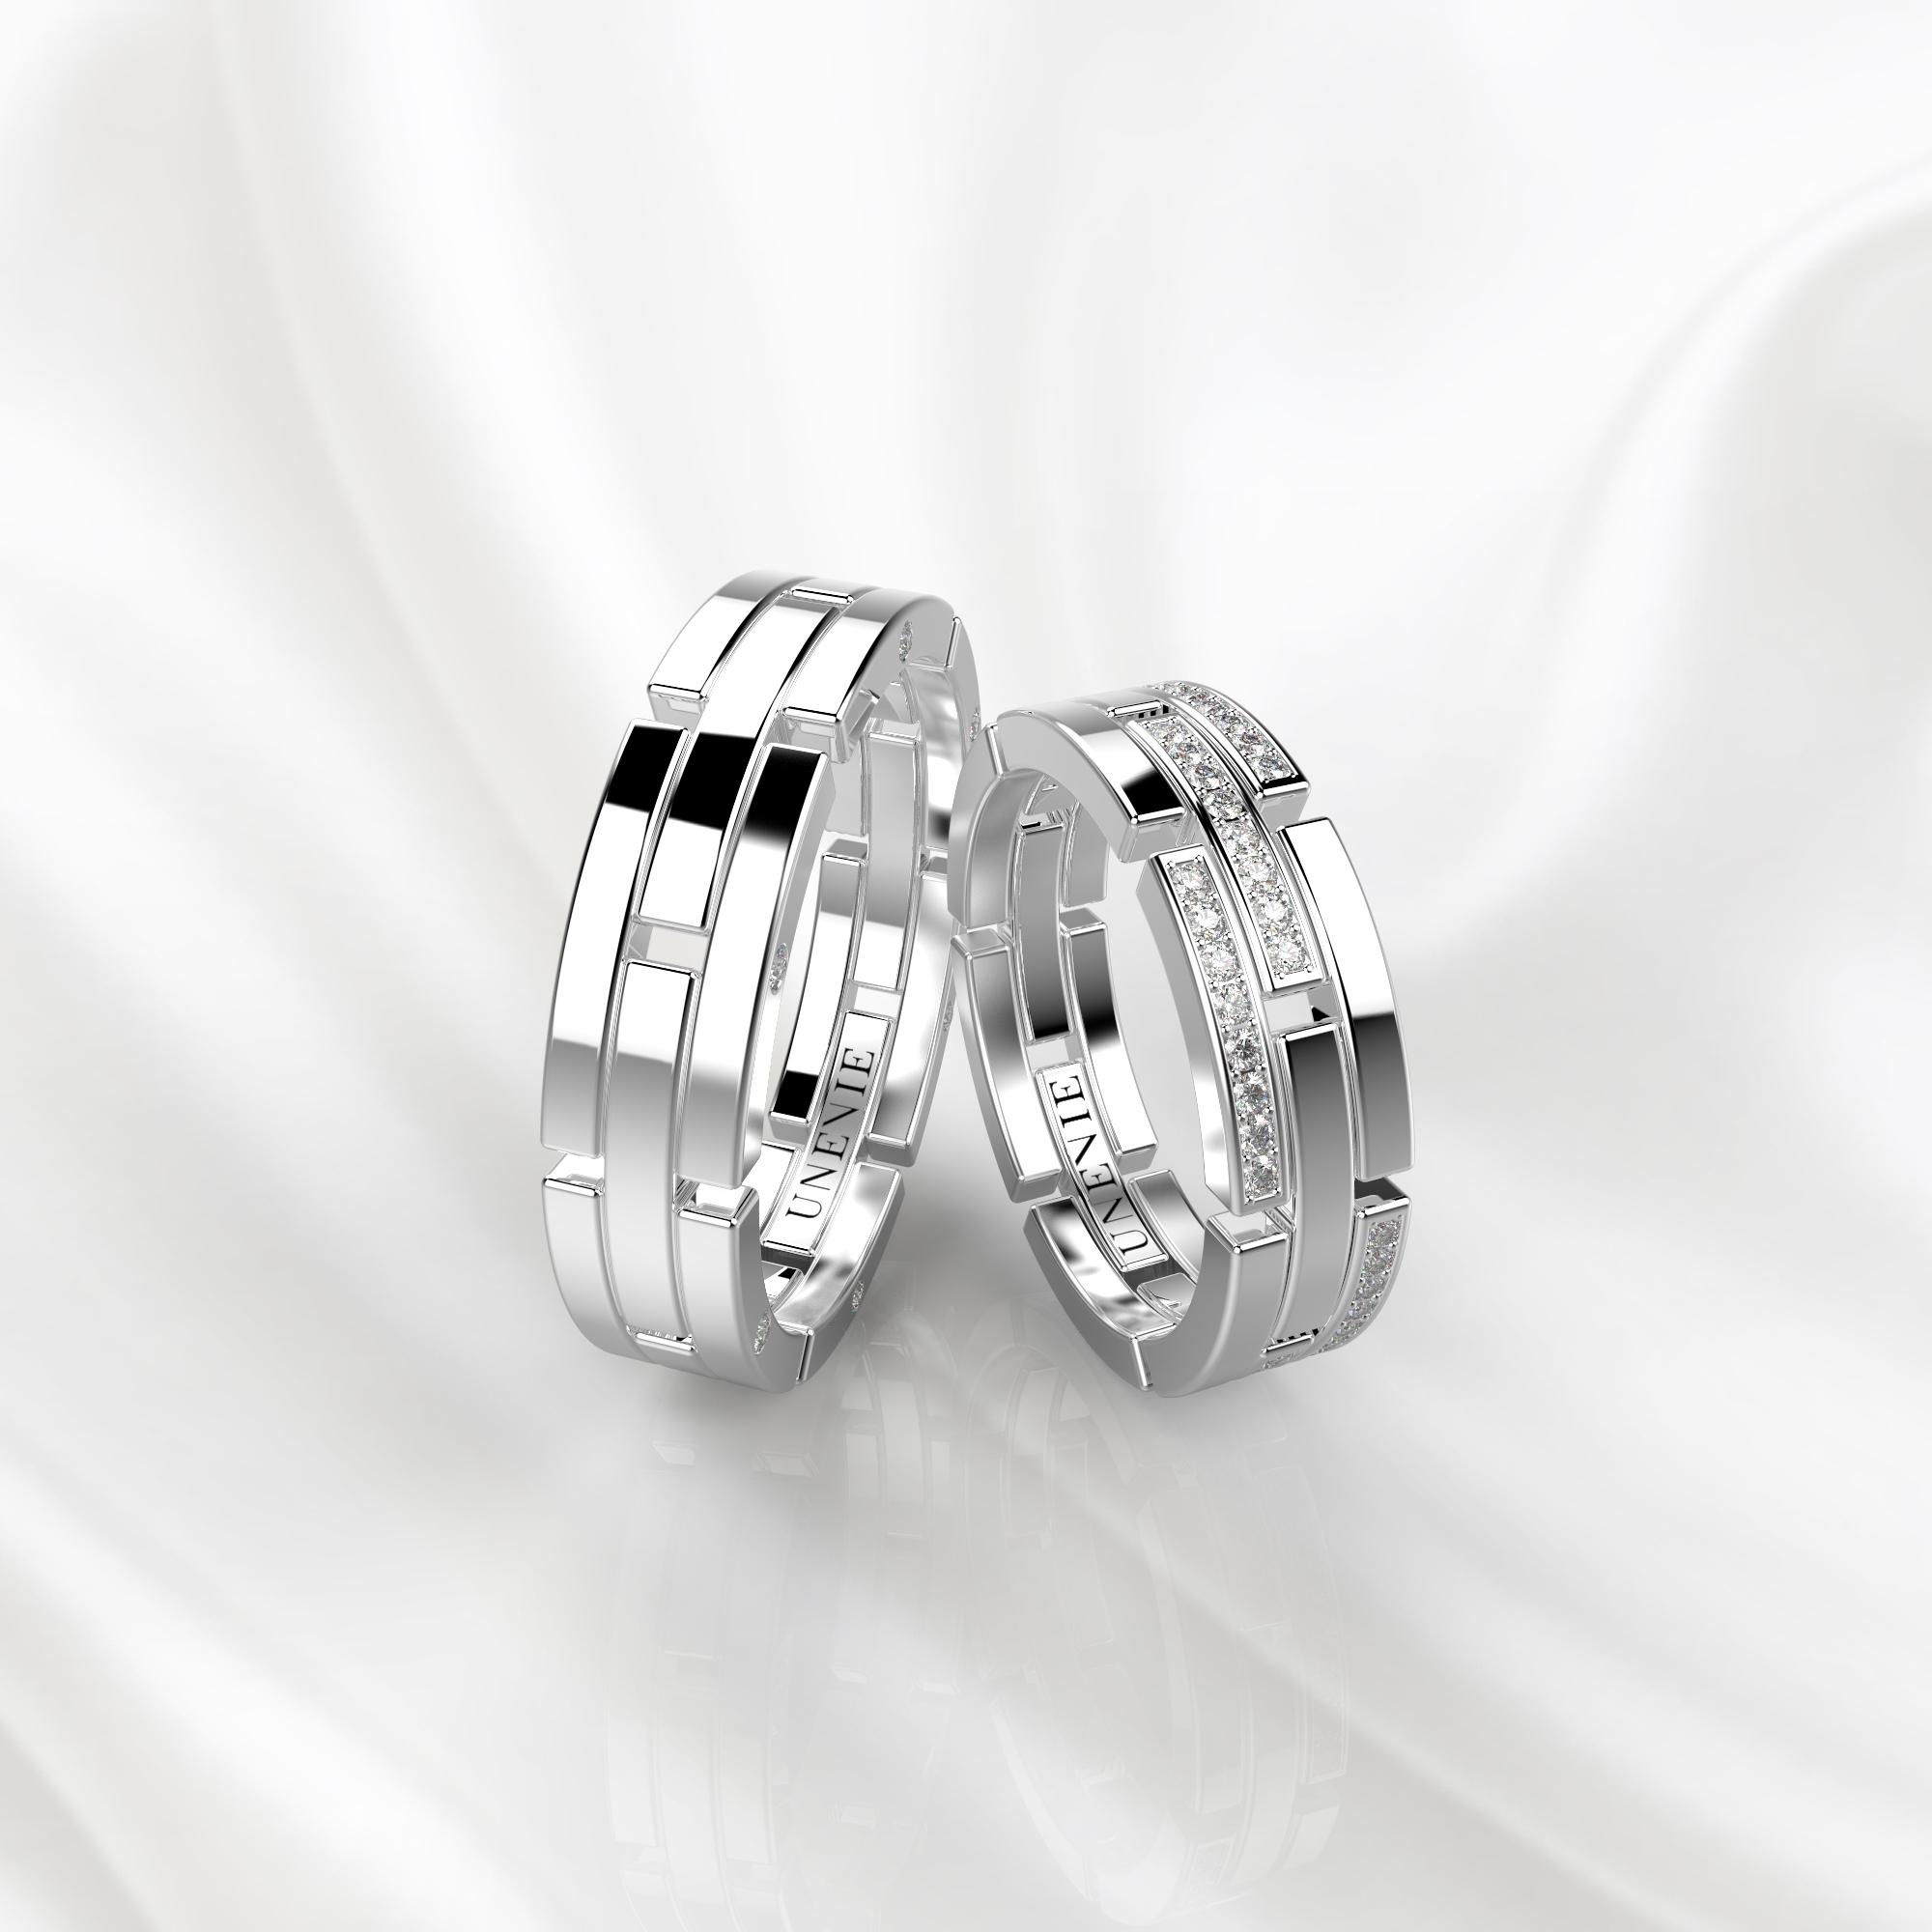 NV42 Обручальные кольца из белого золота с бриллиантами